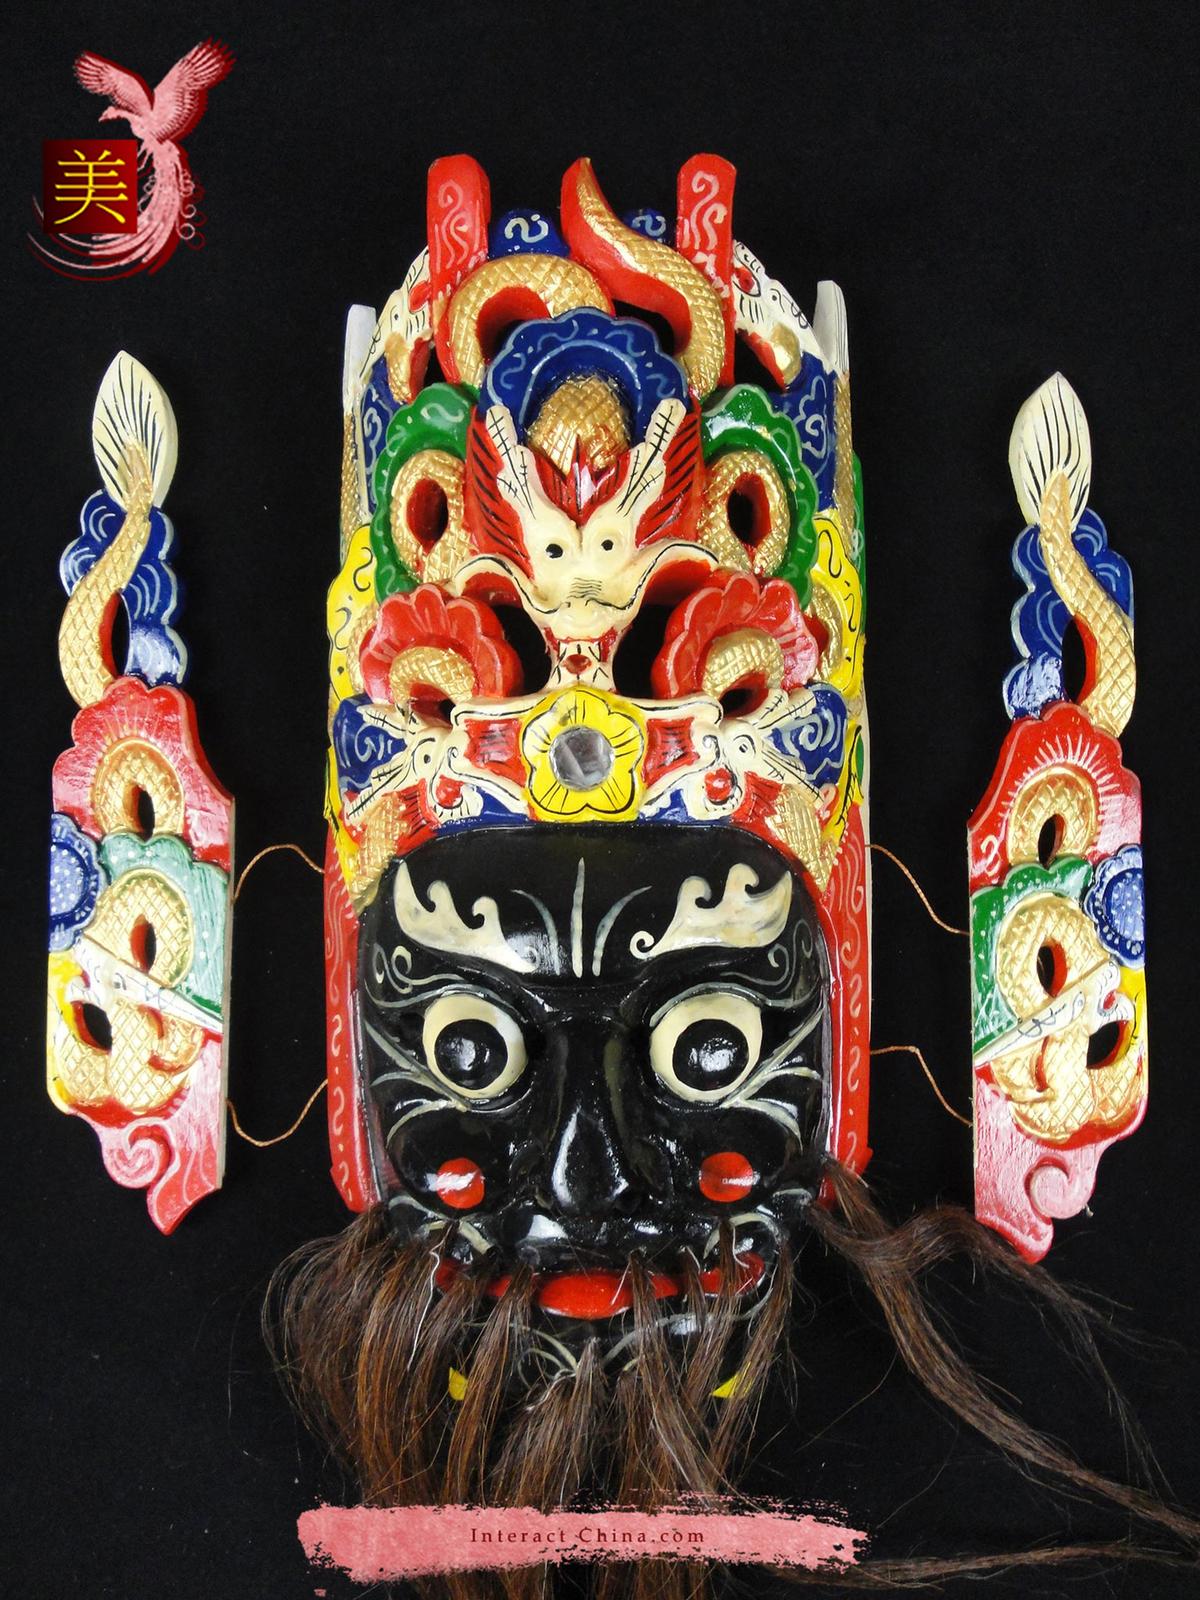 Chinese Drama Home Wall Décor Opera Mask 100% Wood Craft Folk Art #130 Pro